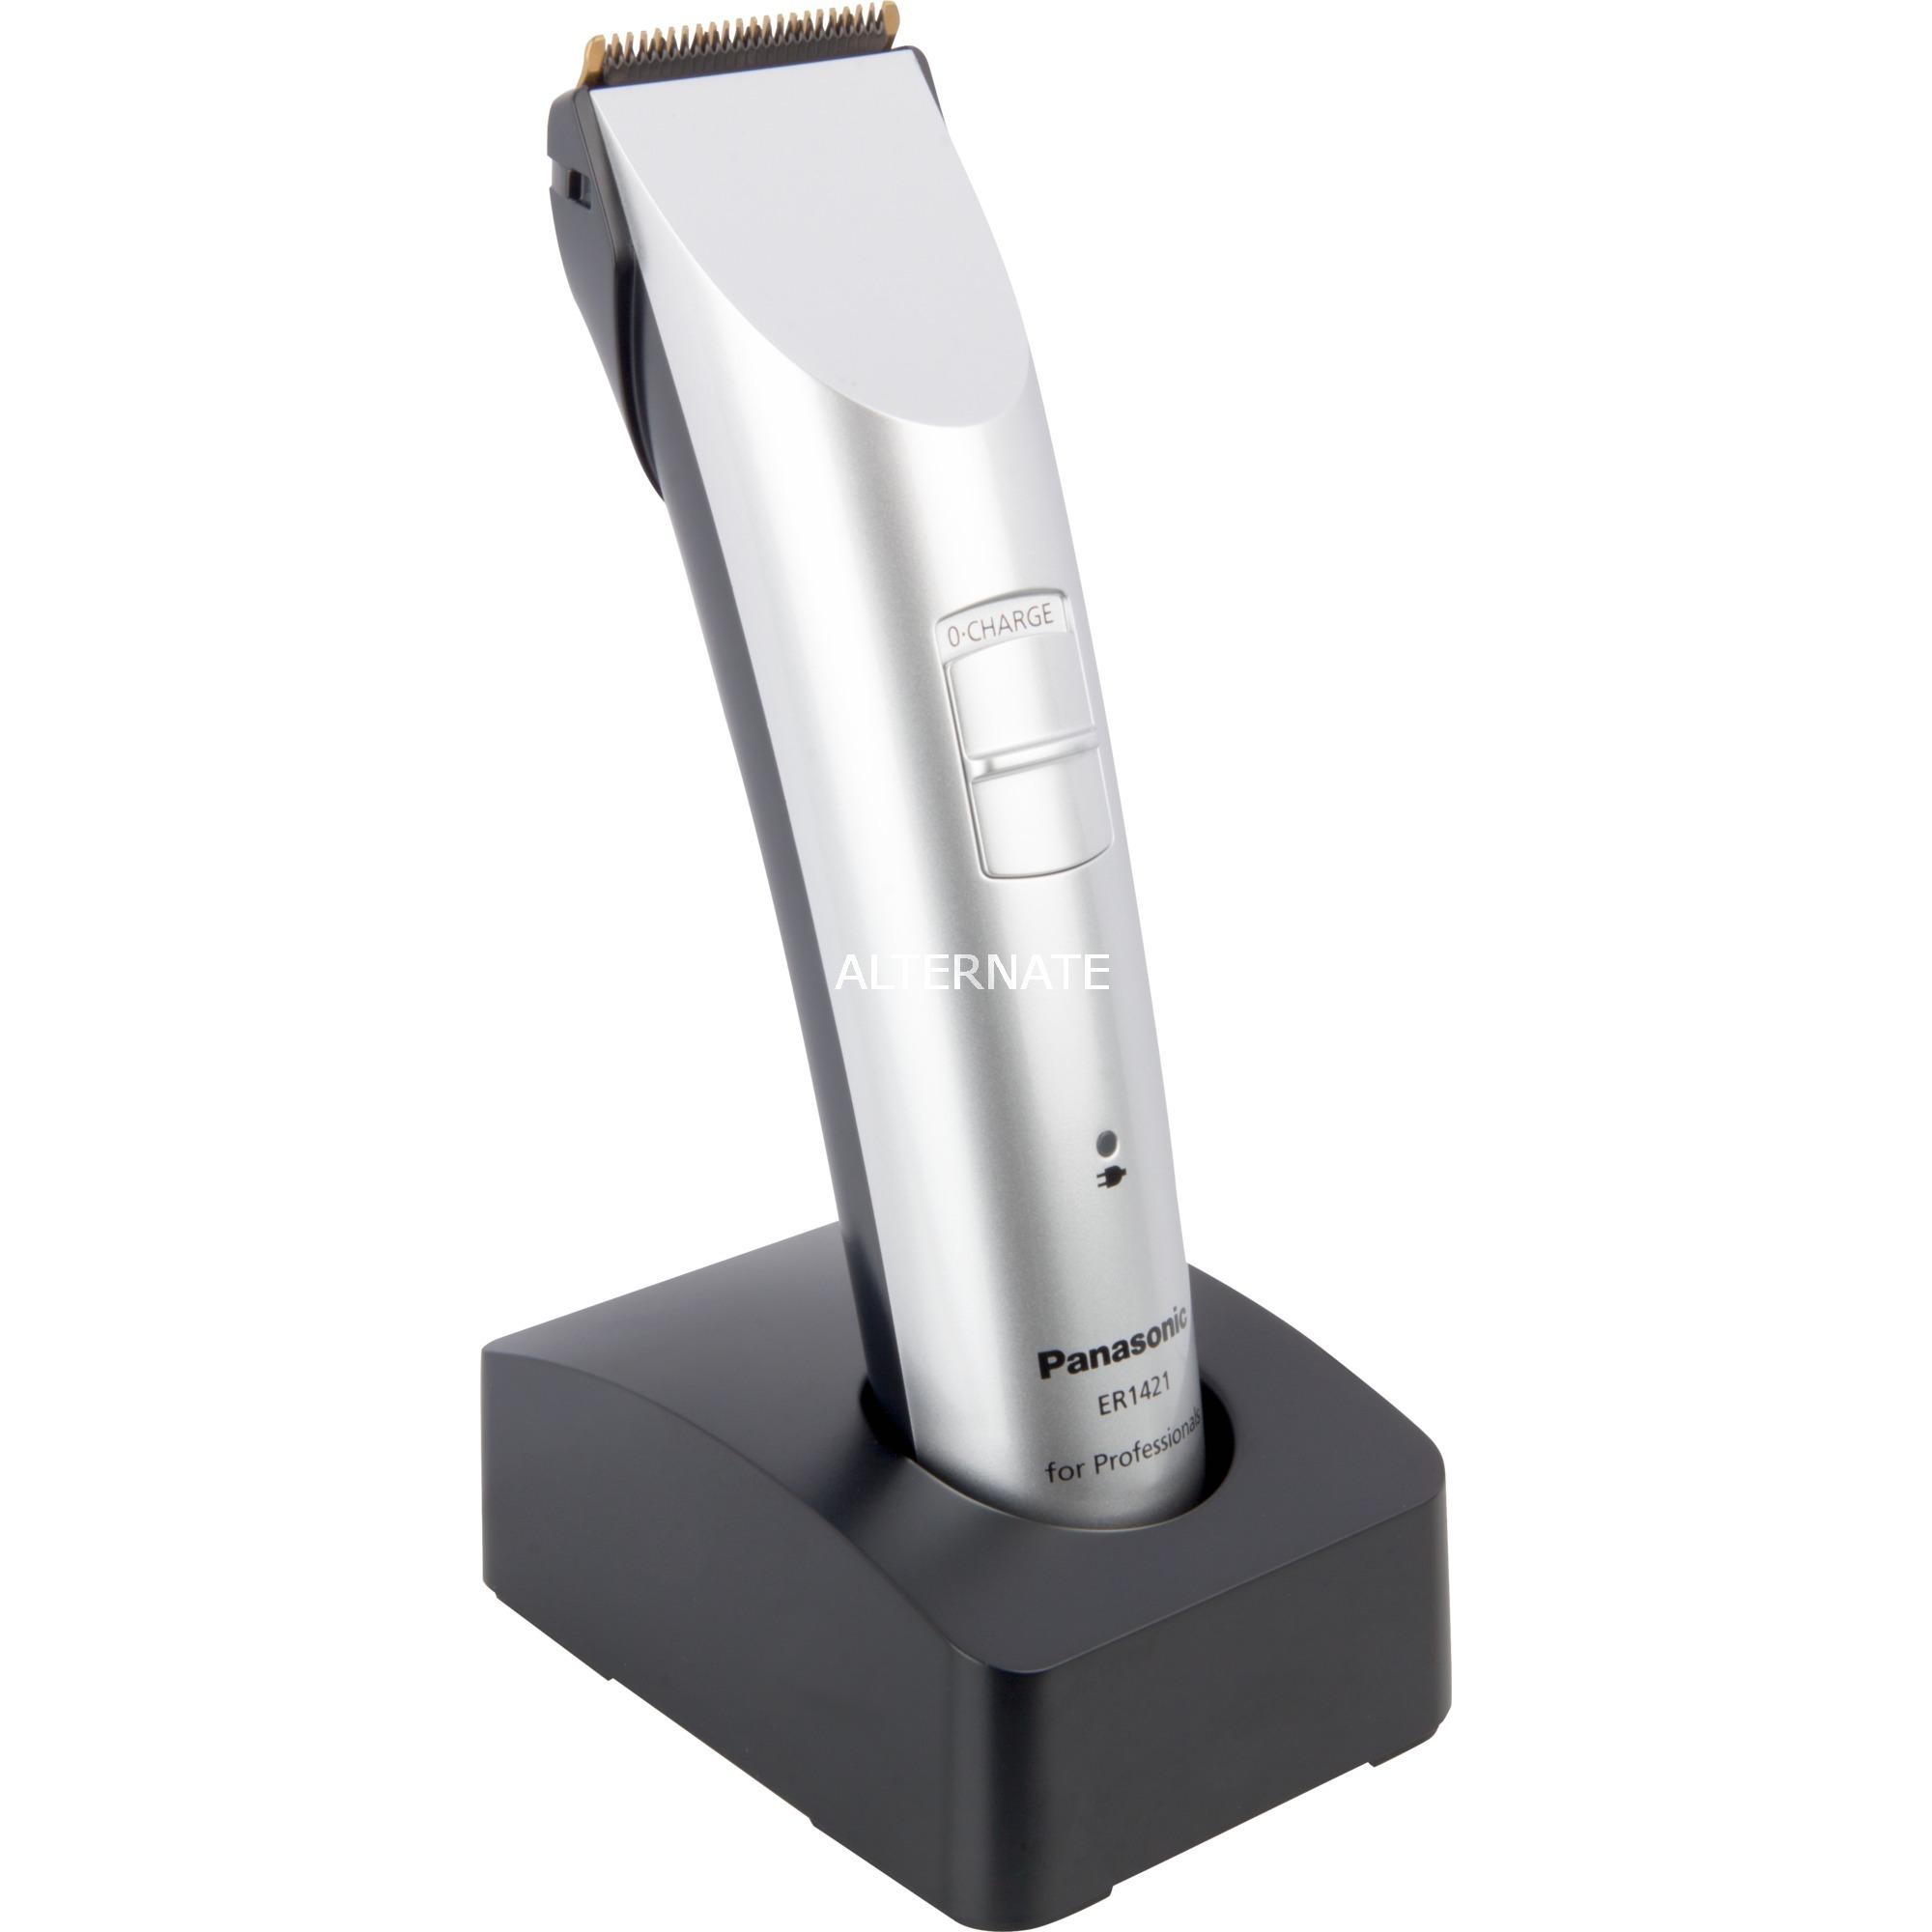 ER1421 Recargable cortadora de pelo y maquinilla, Cortador de pelo